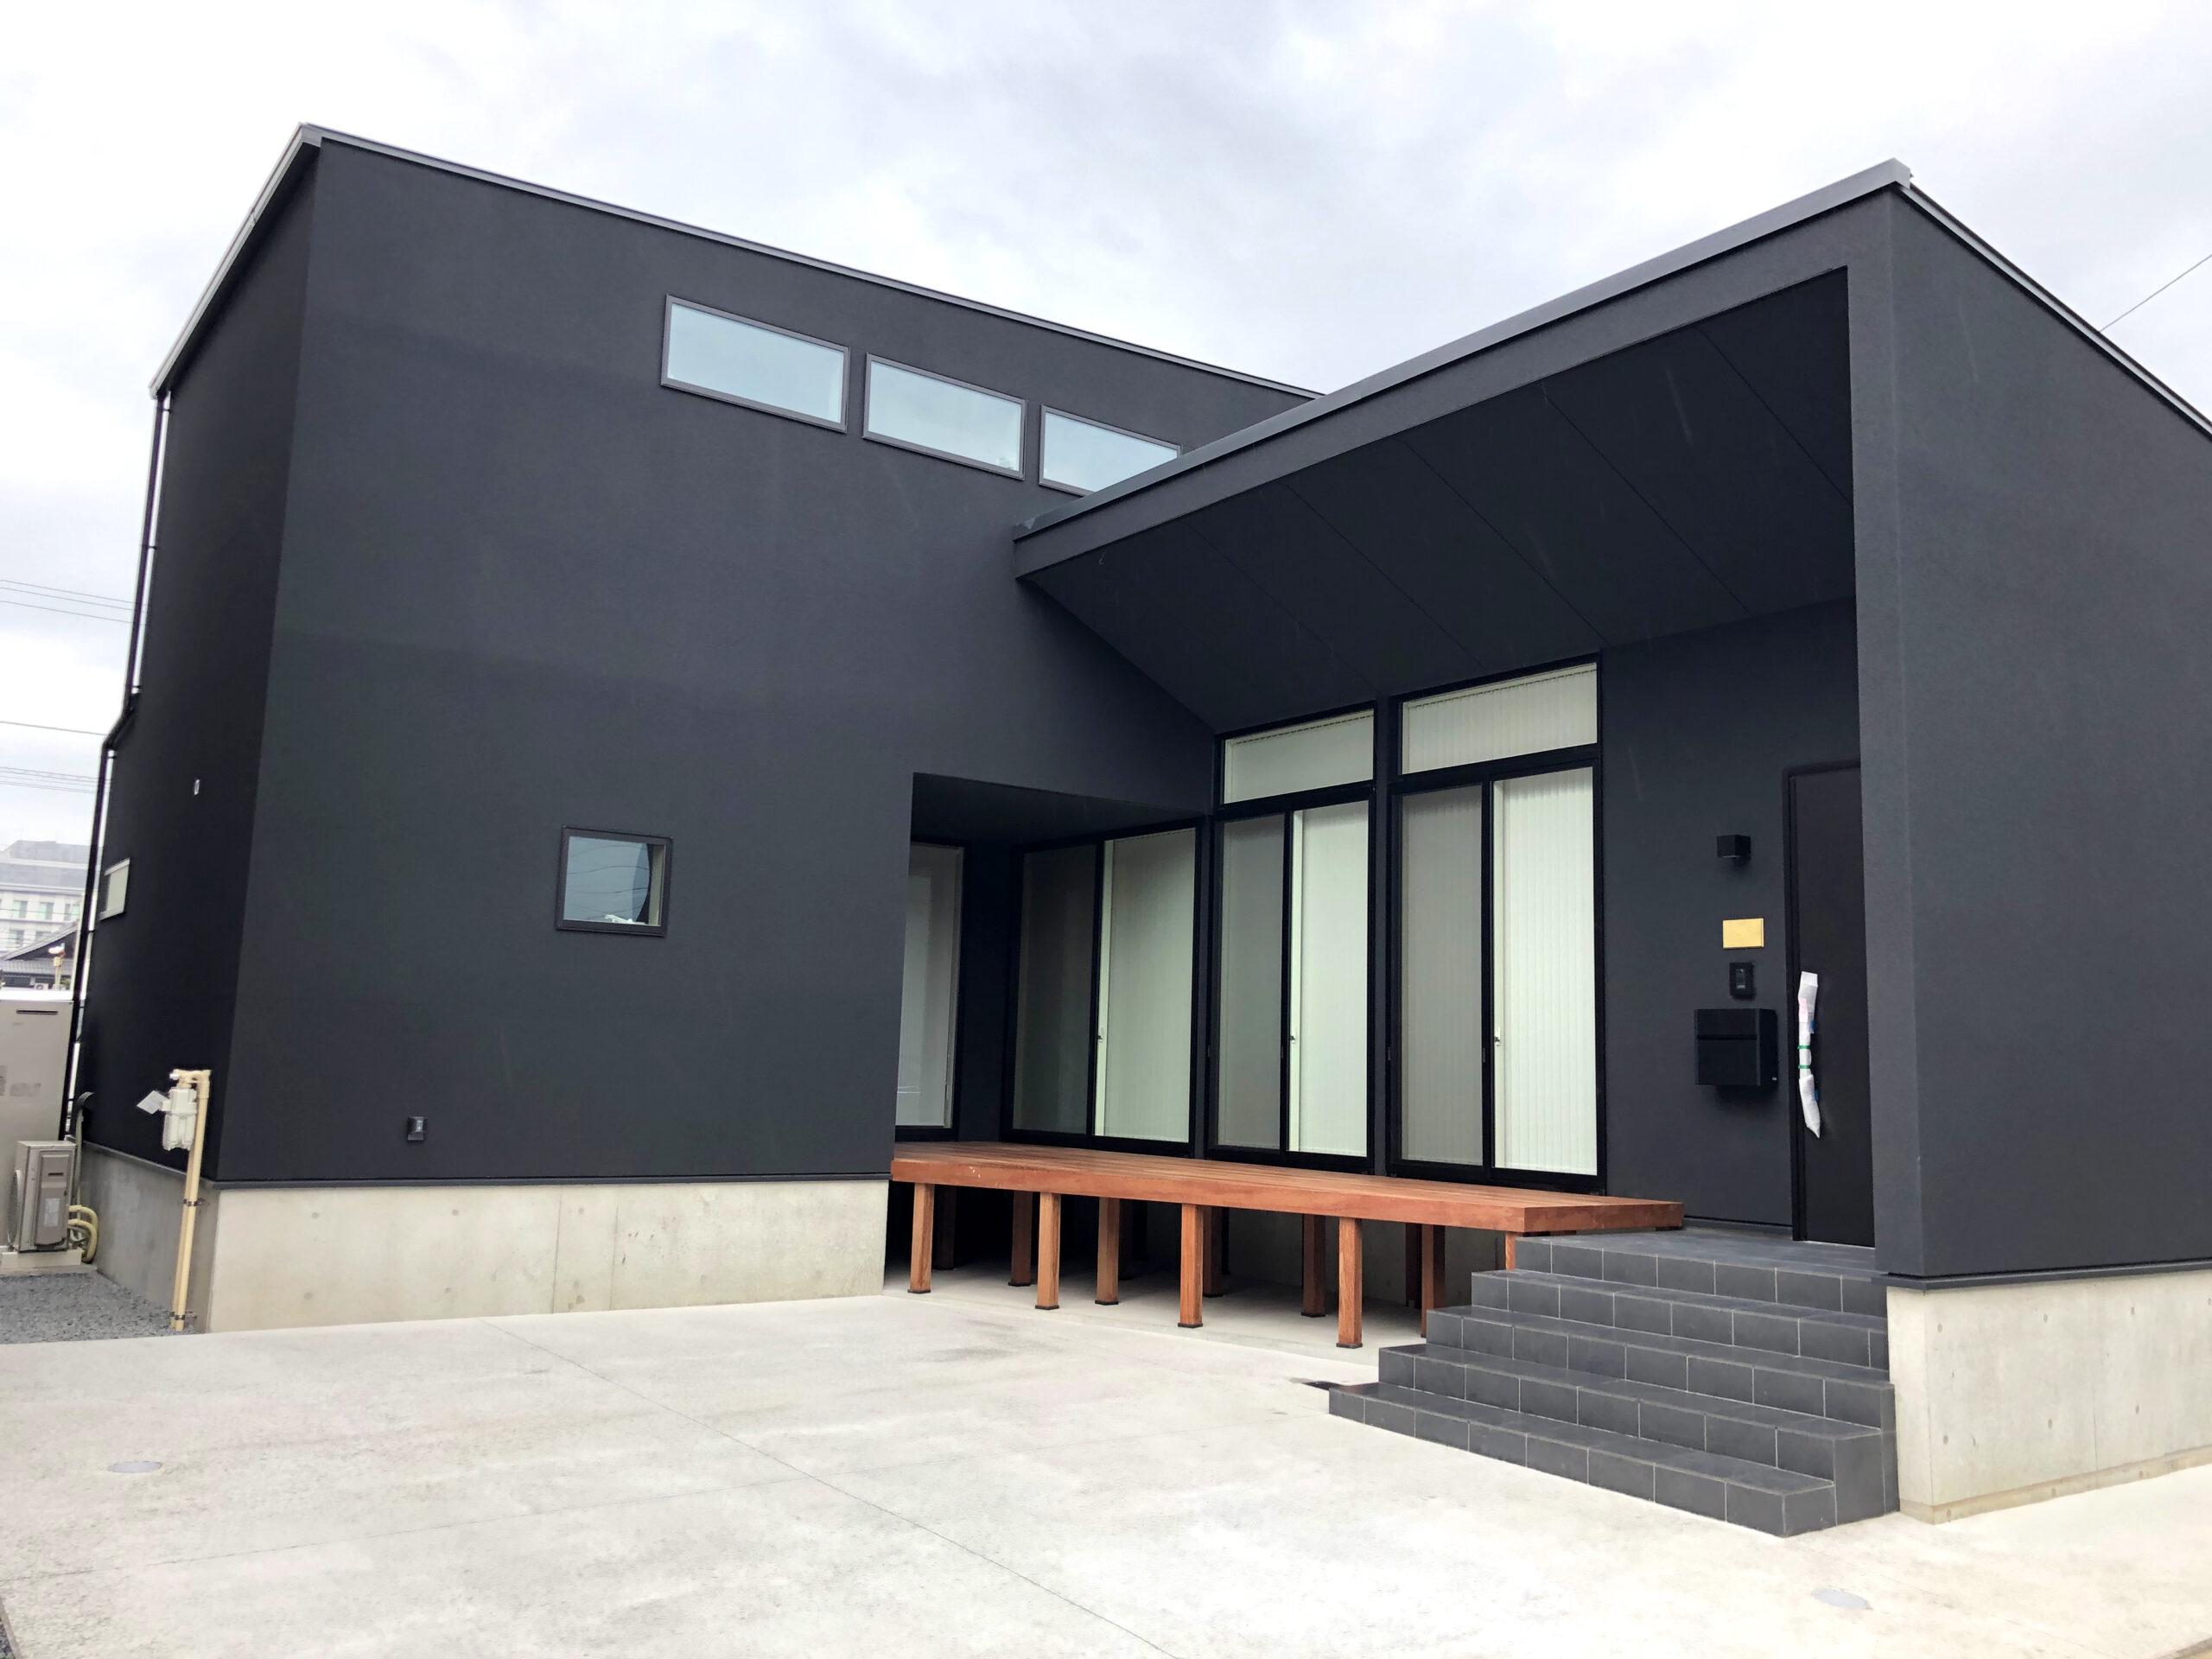 黒い外壁が印象的なスタイリッシュな外観